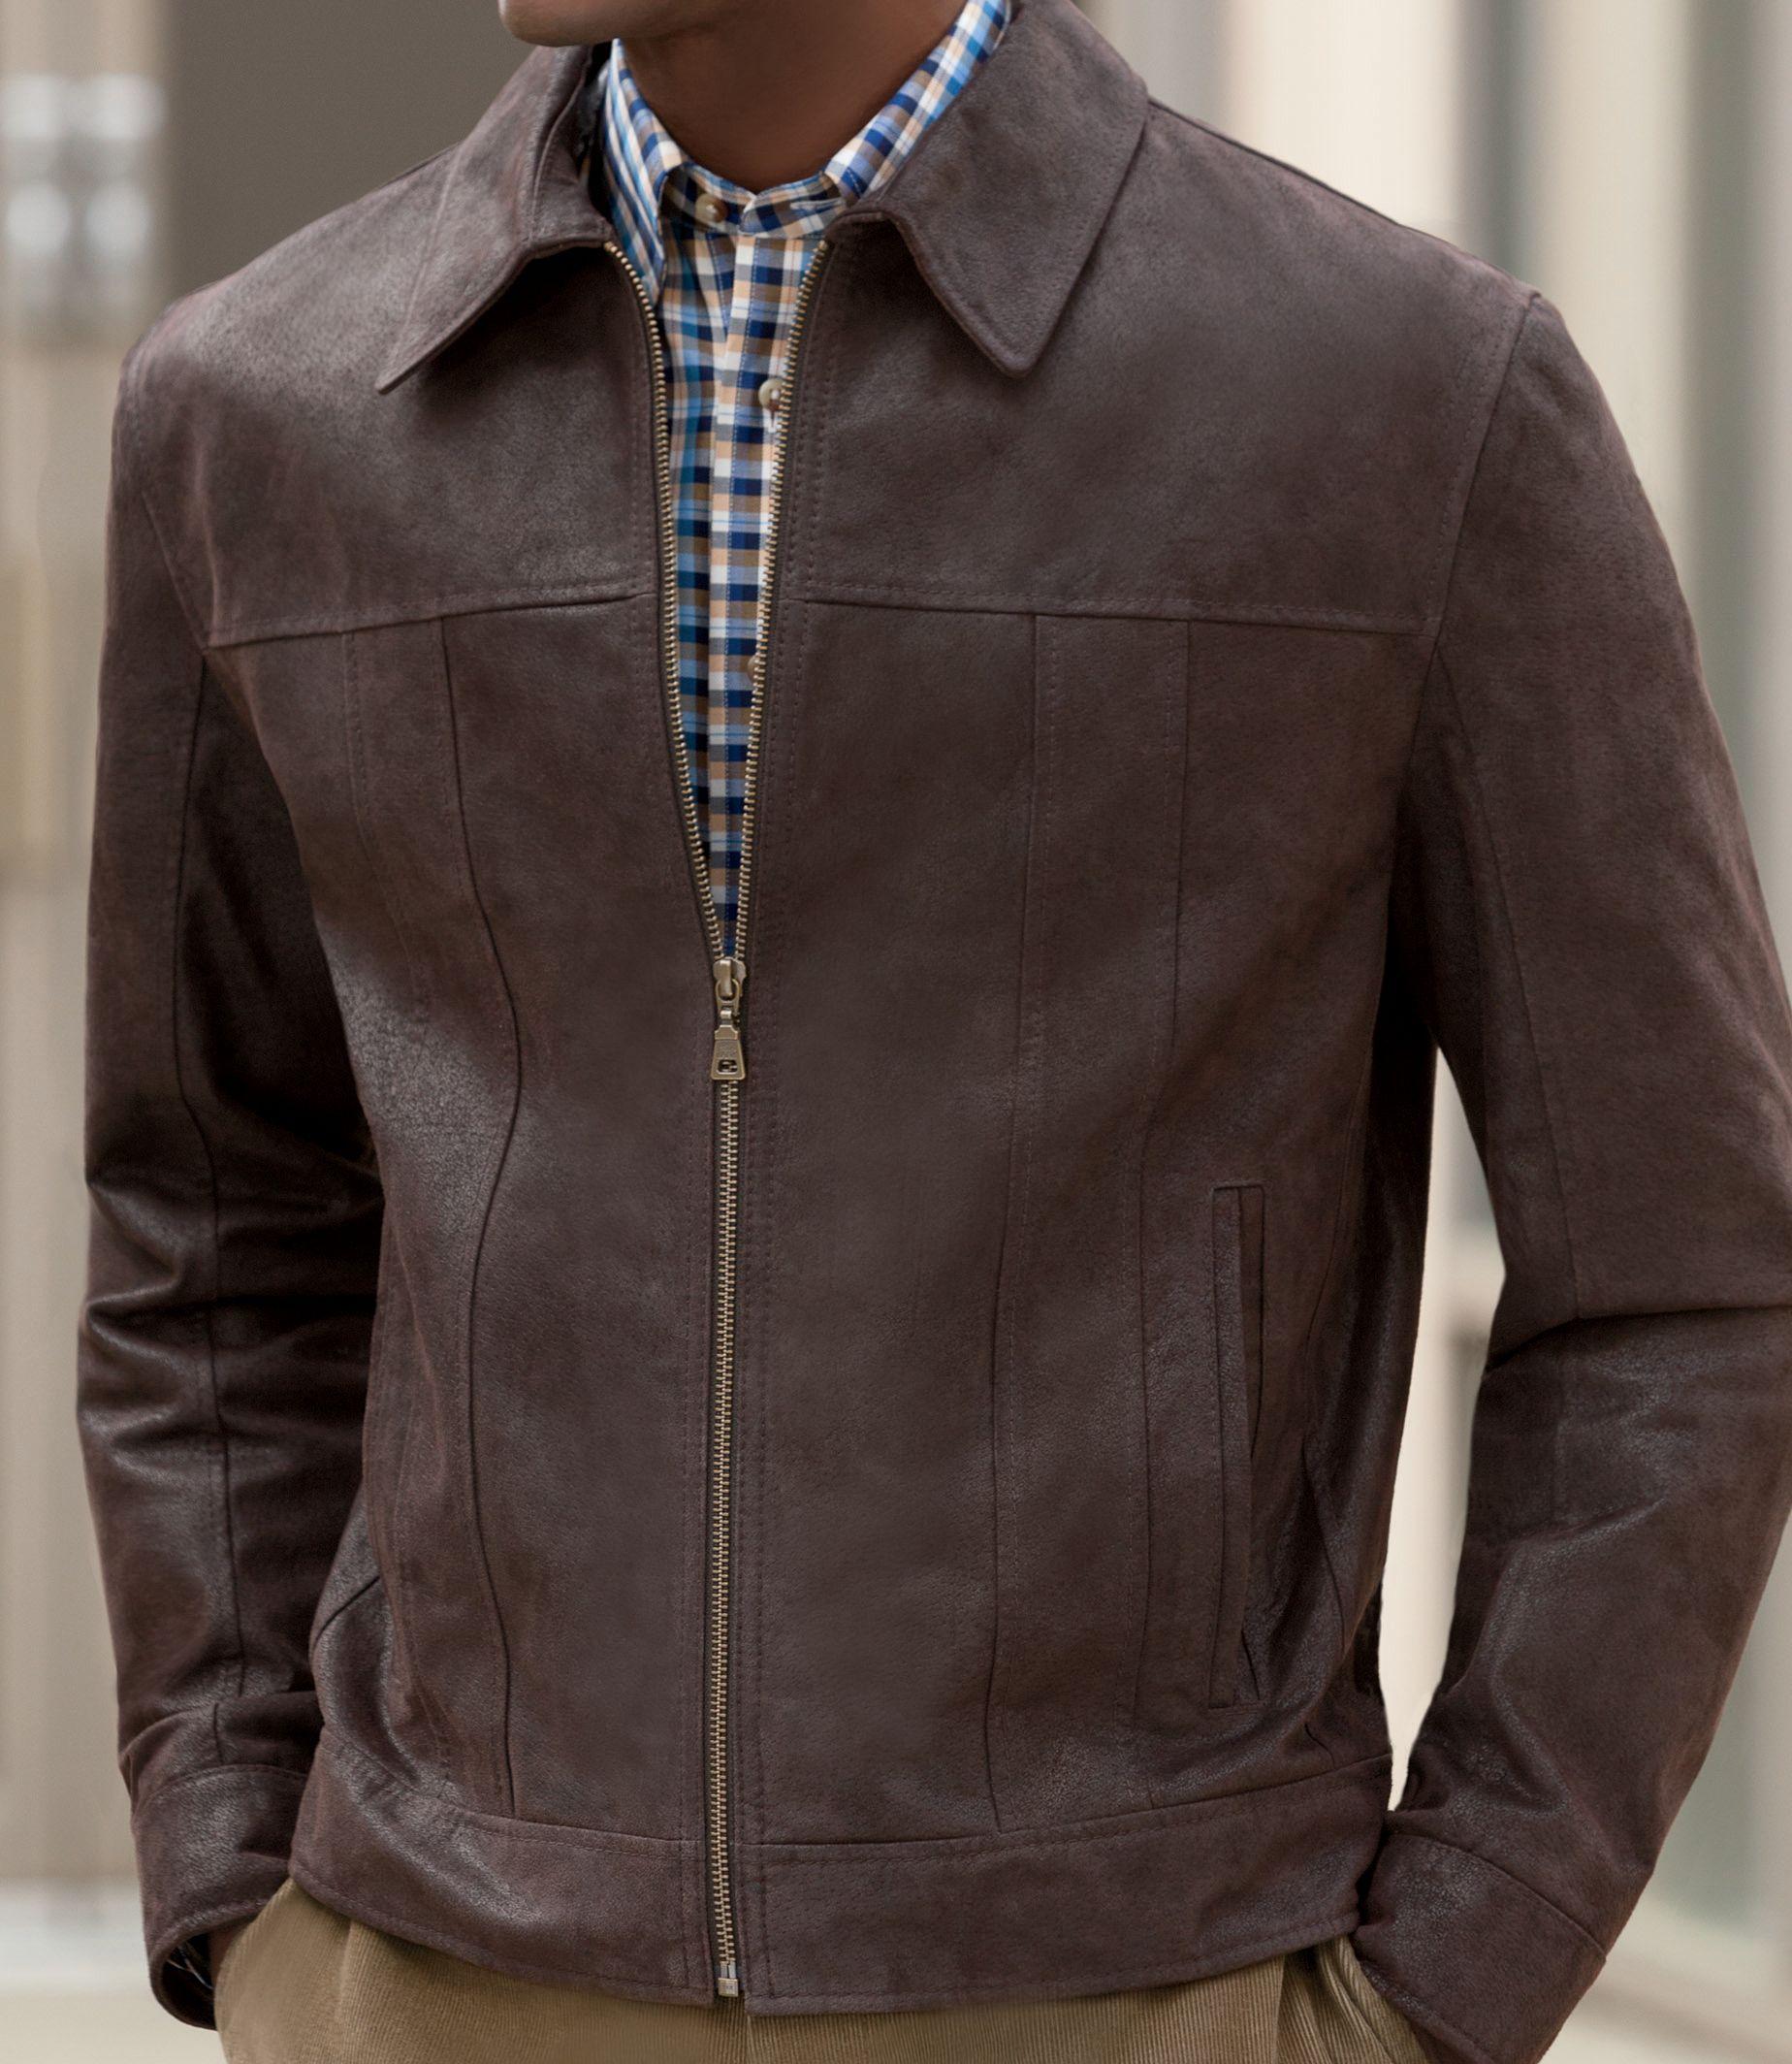 Executive Vintage Suede Jacket